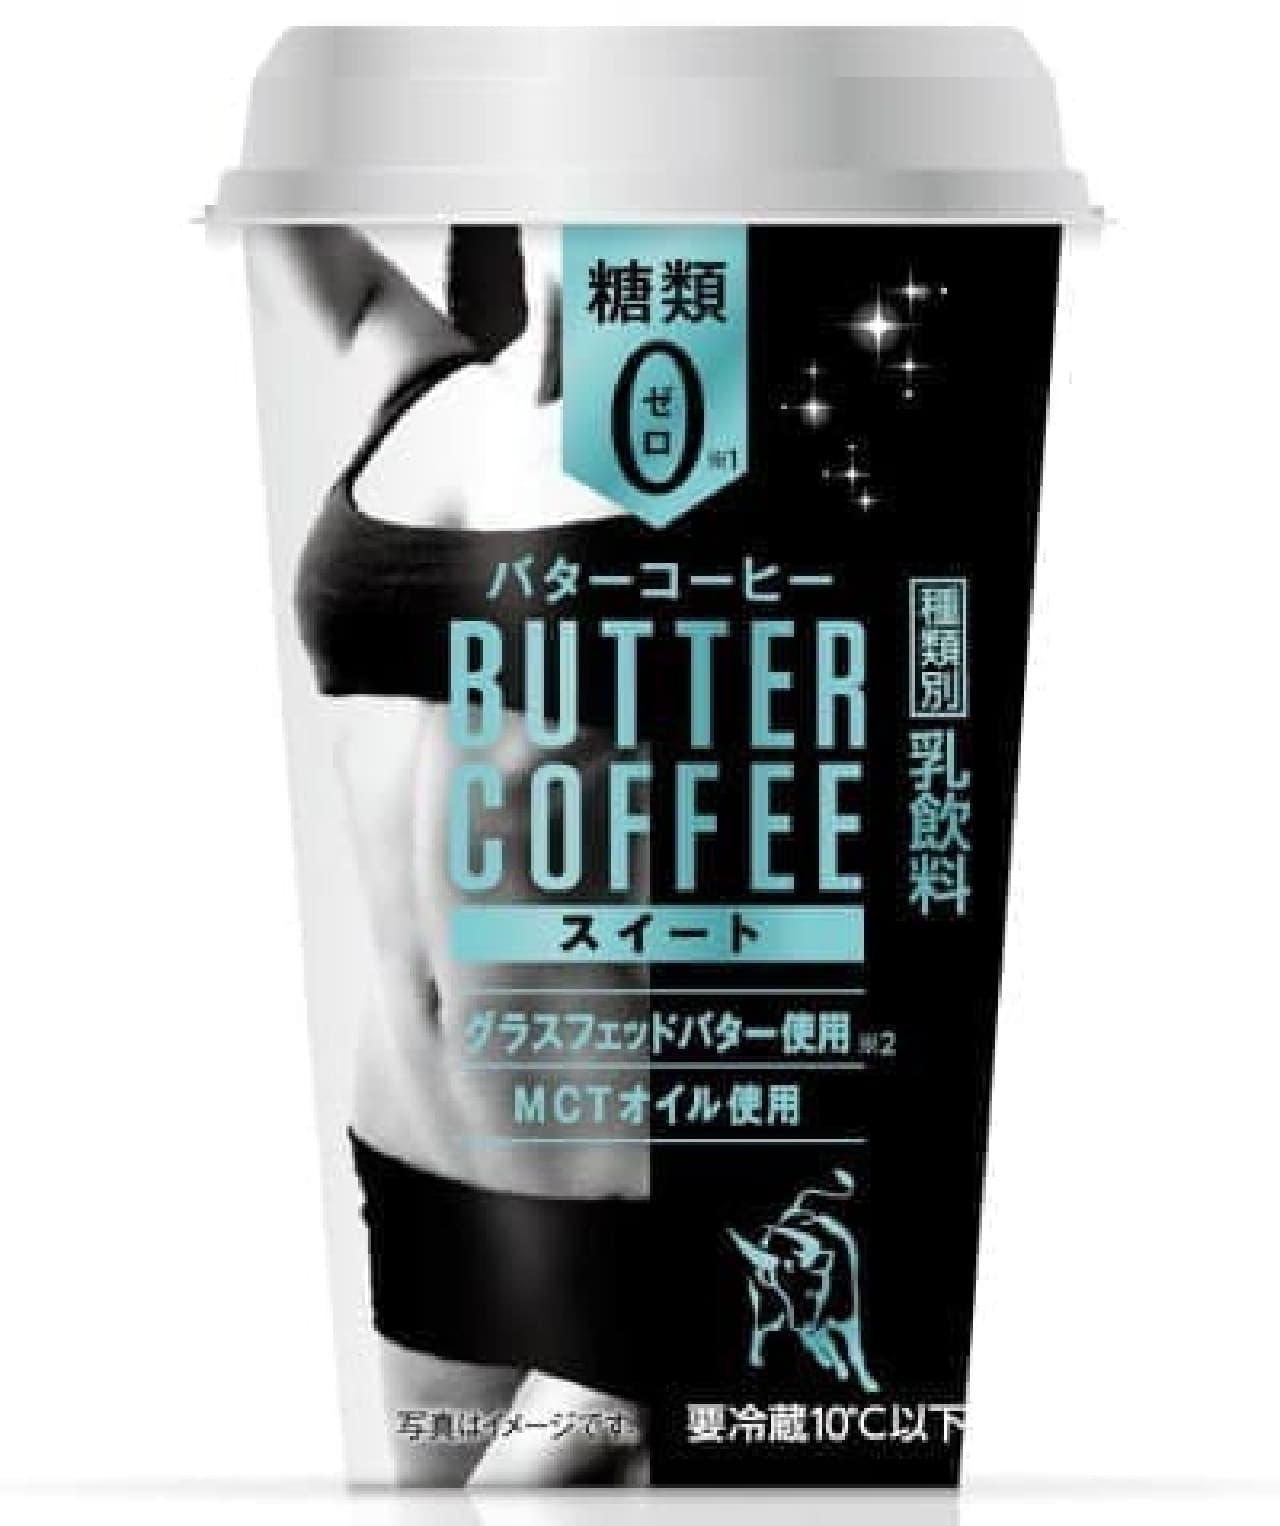 ファミリーマート「バターコーヒースイート」